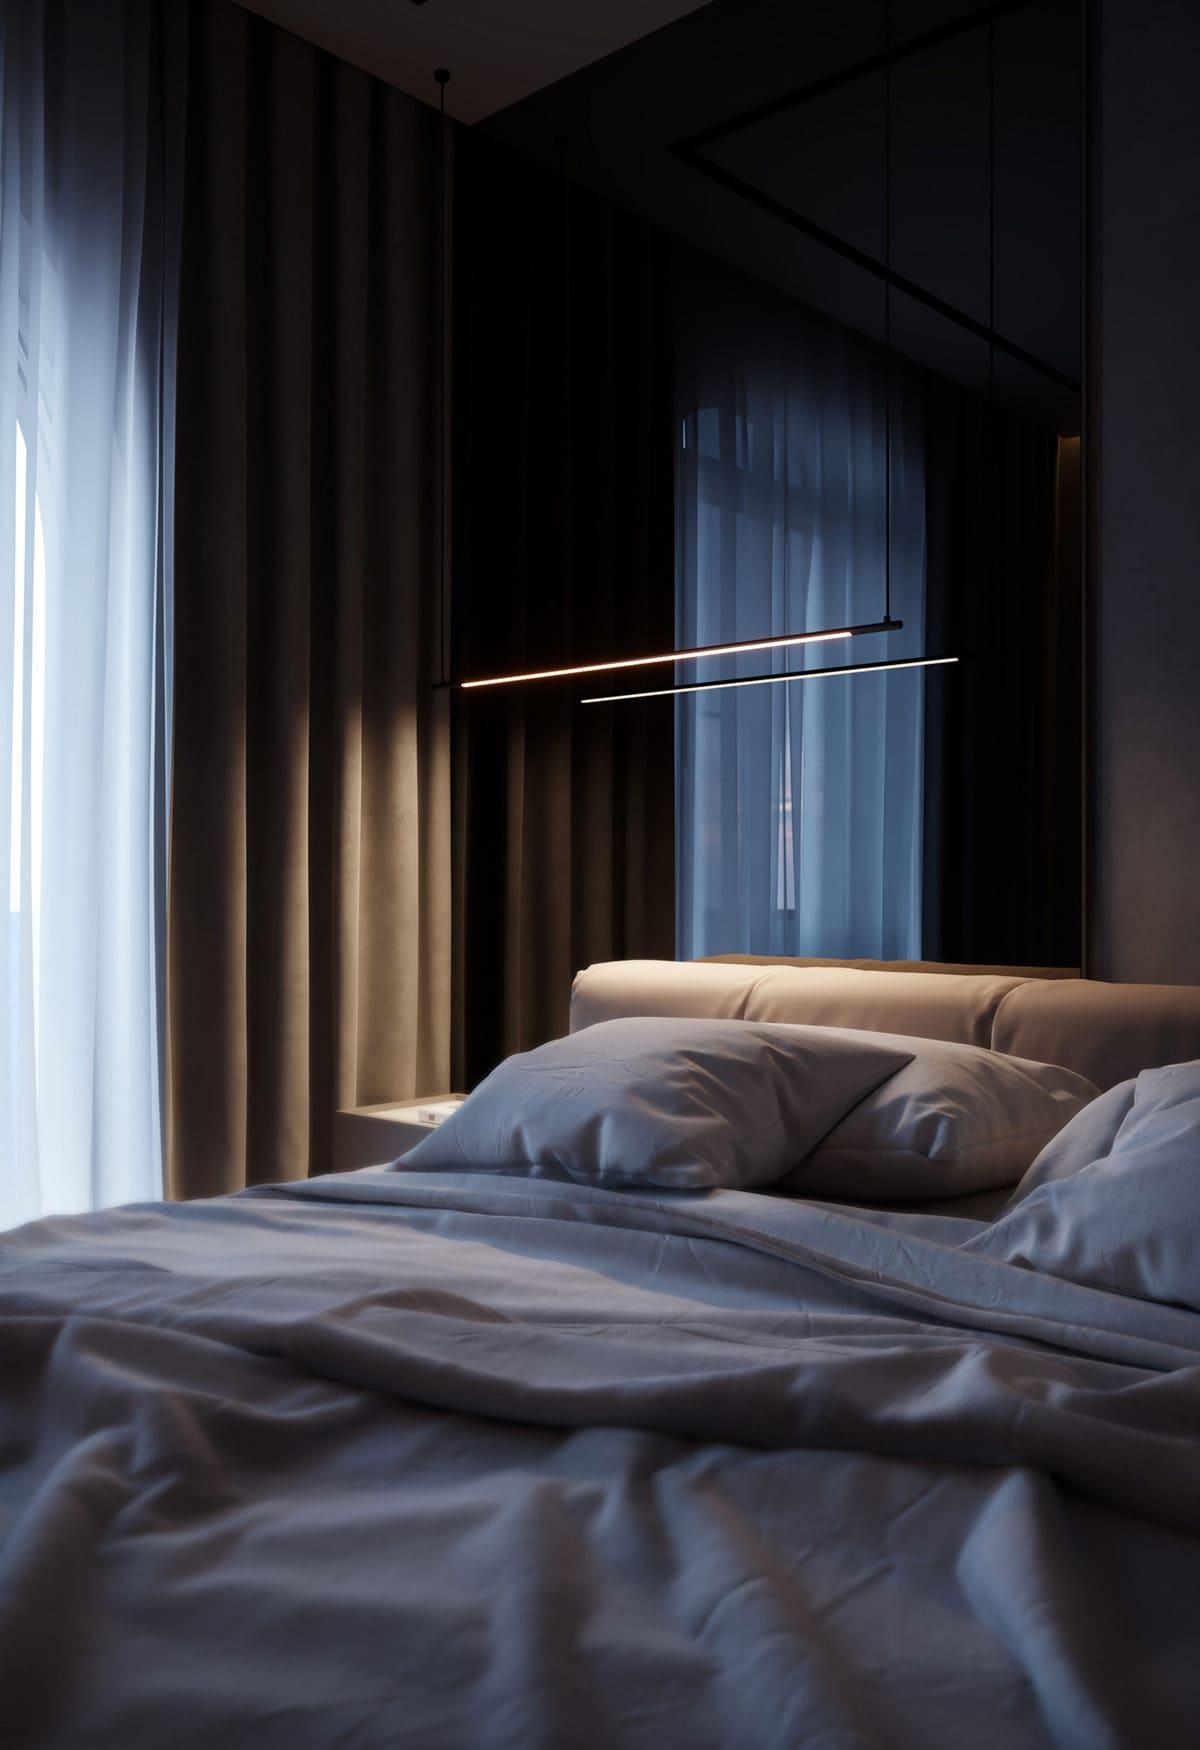 design d'intérieur d'un appartement à la mode photo 8